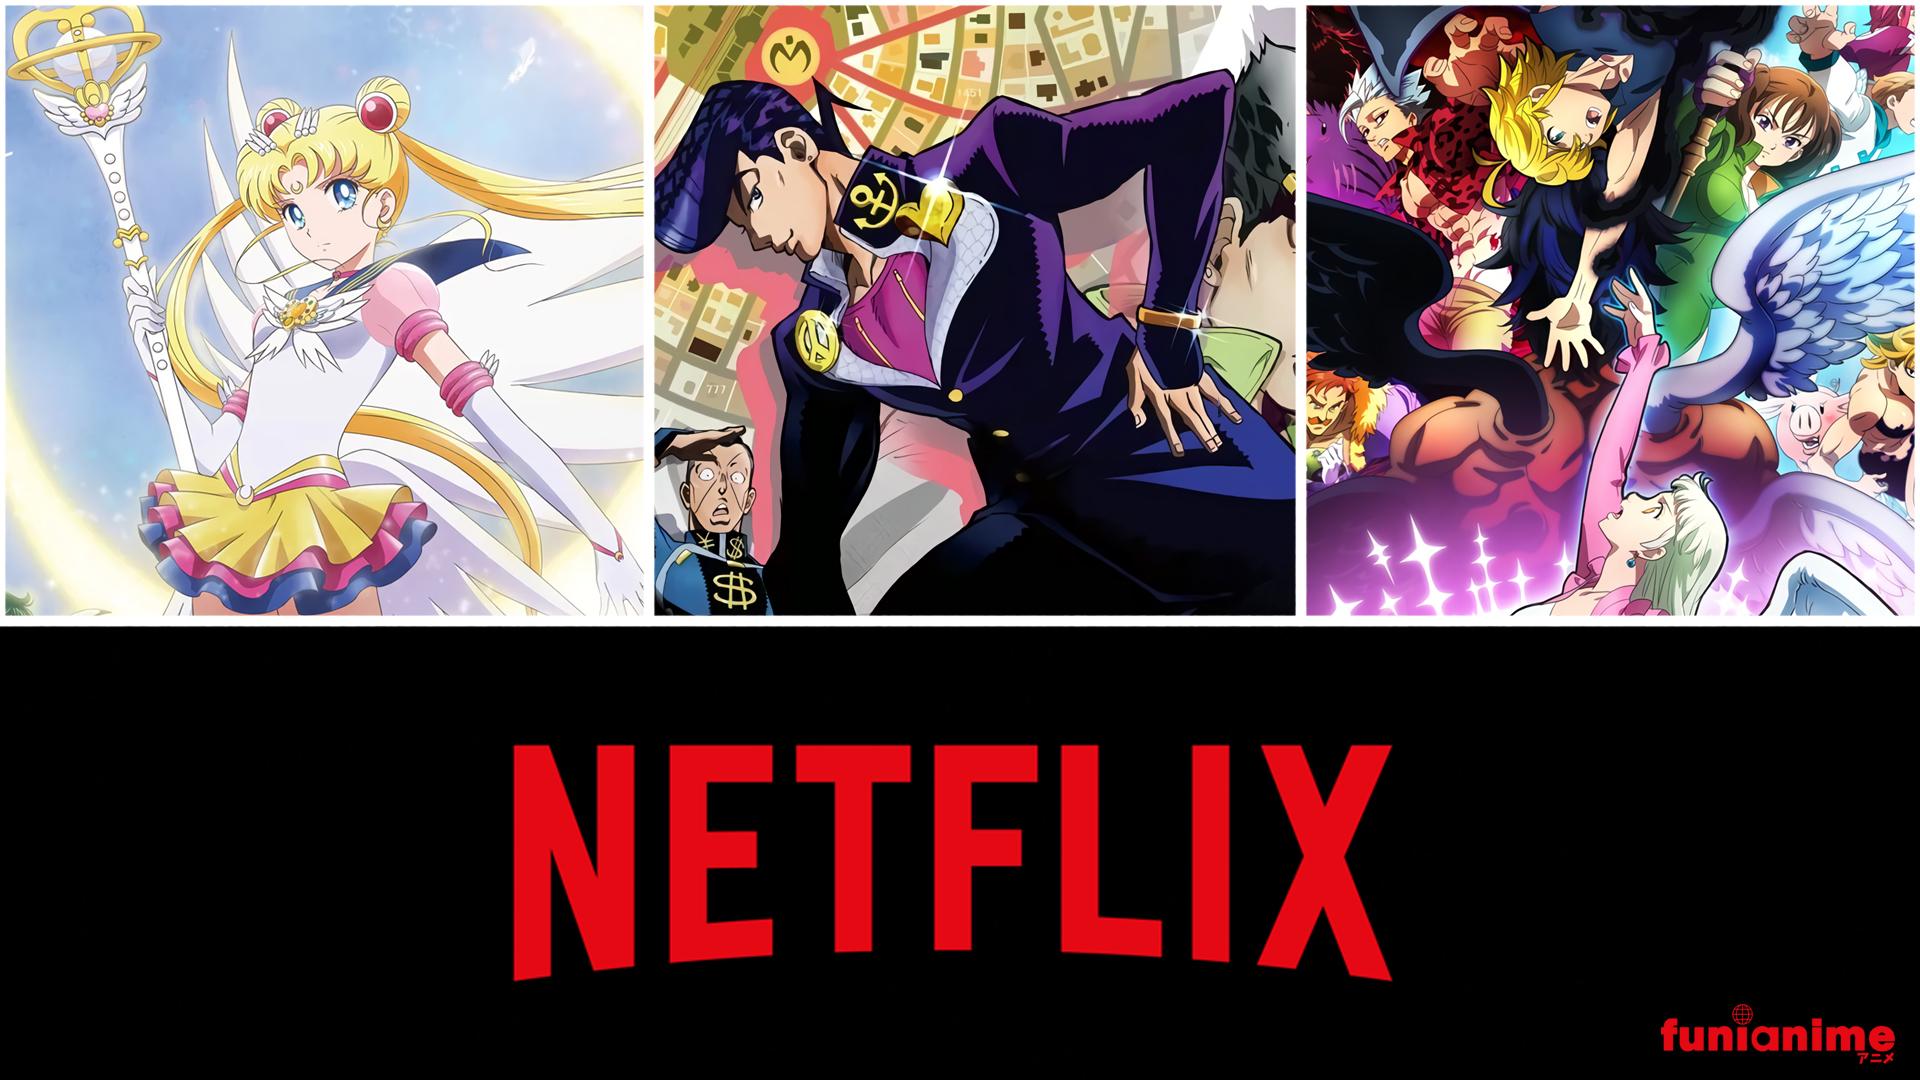 Netflix – Conoce los animes que llegan a su catalogo en junio 2021